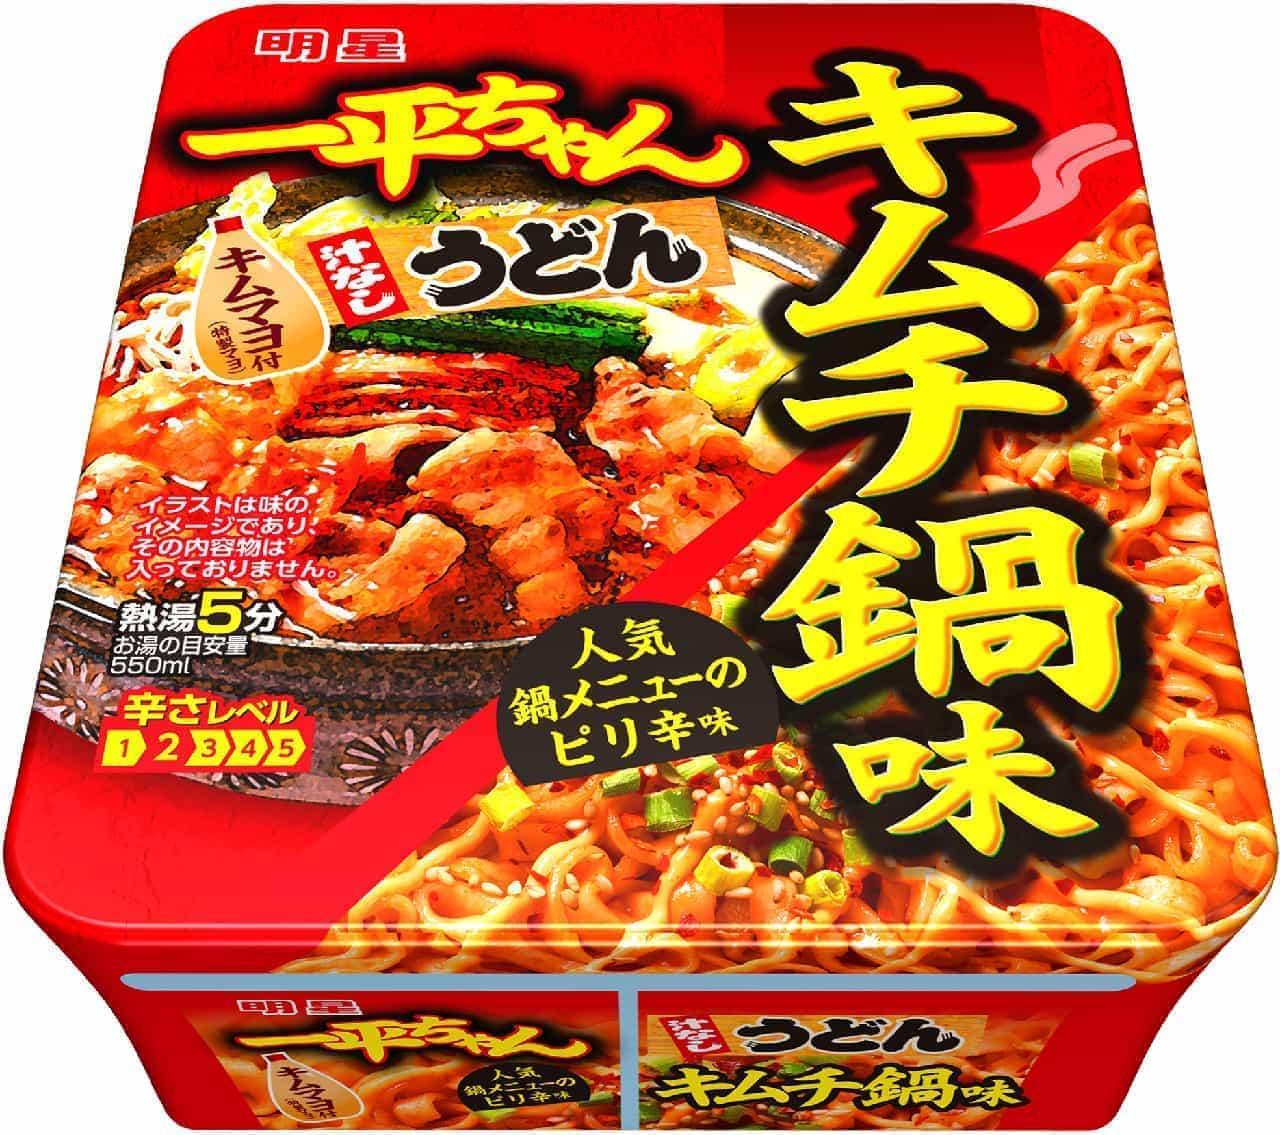 明星食品「明星 一平ちゃん汁なしうどん キムチ鍋味」